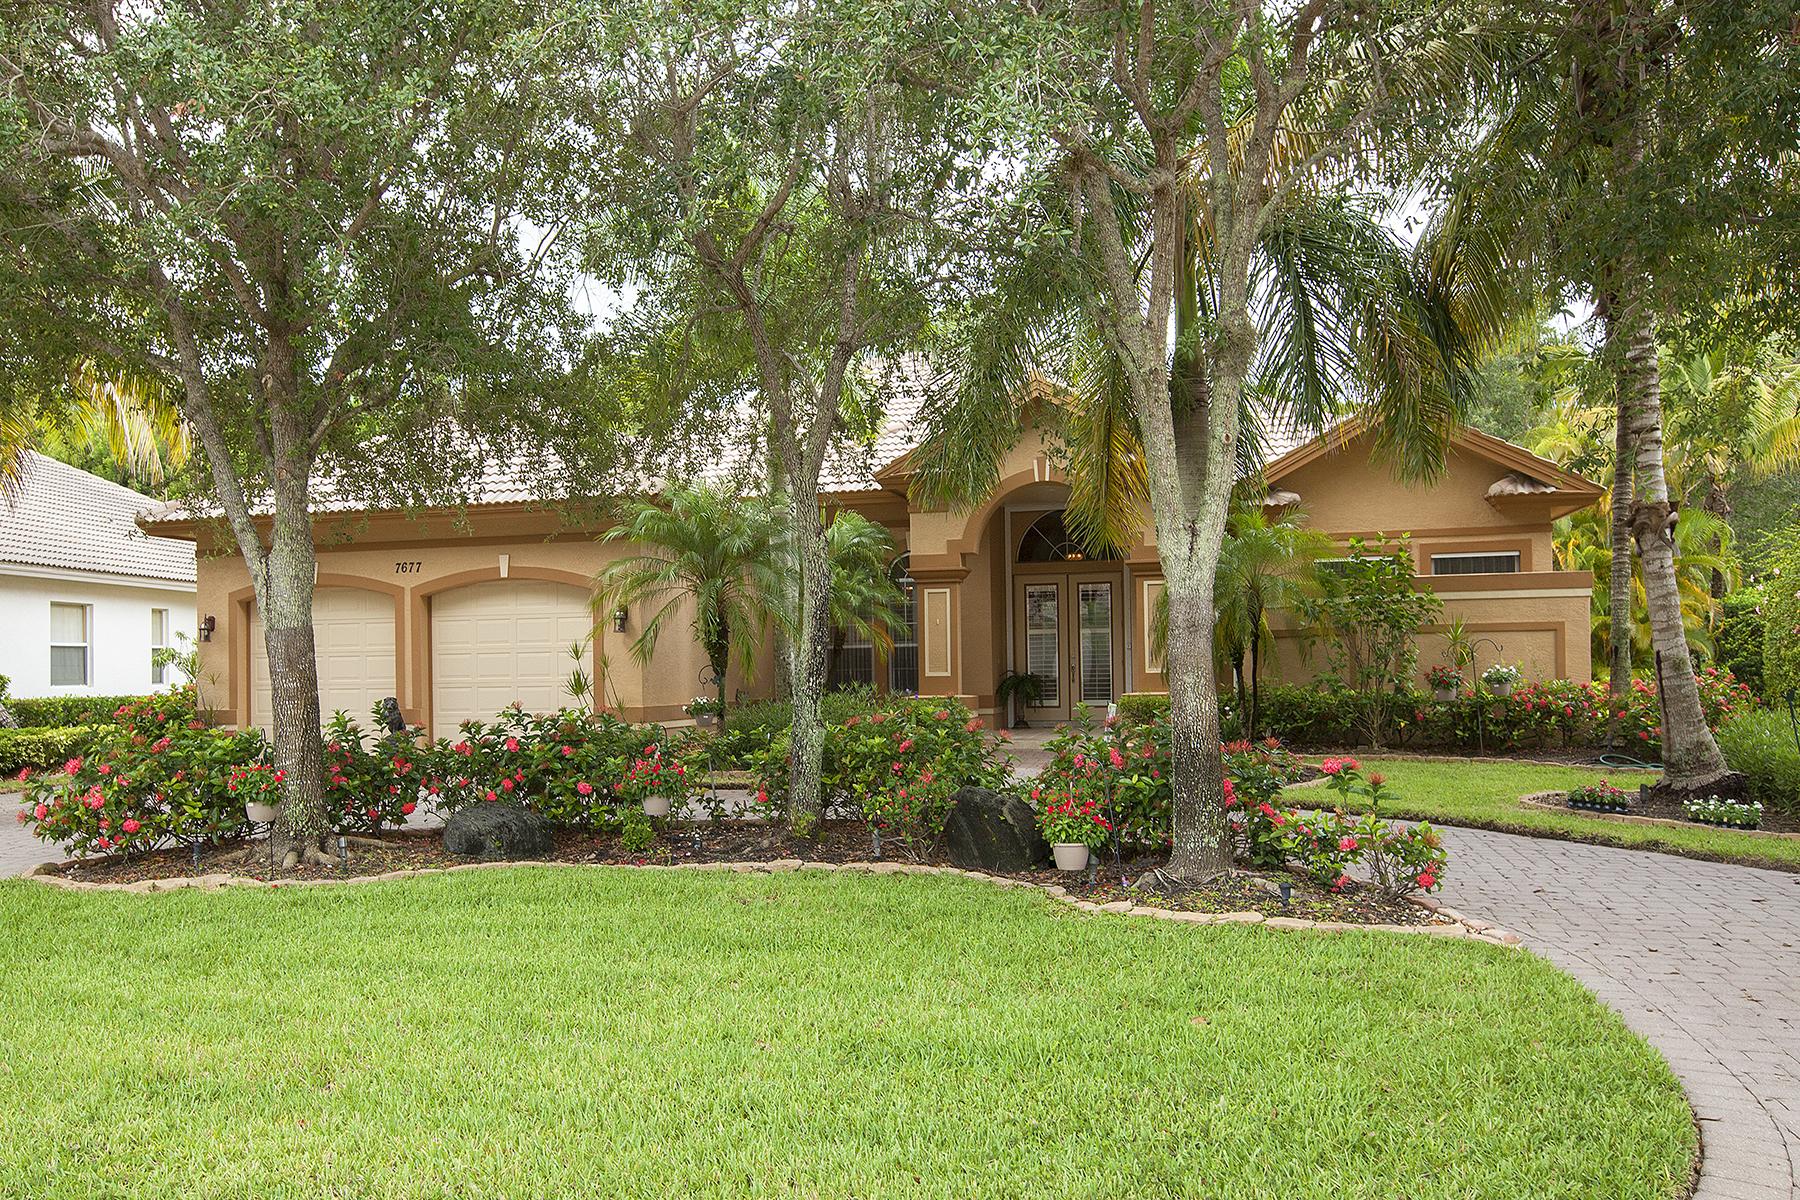 Maison unifamiliale pour l Vente à FIDDLER'S CREEK - MULBERRY ROW 7677 Mulberry Ln Naples, Florida 34114 États-Unis